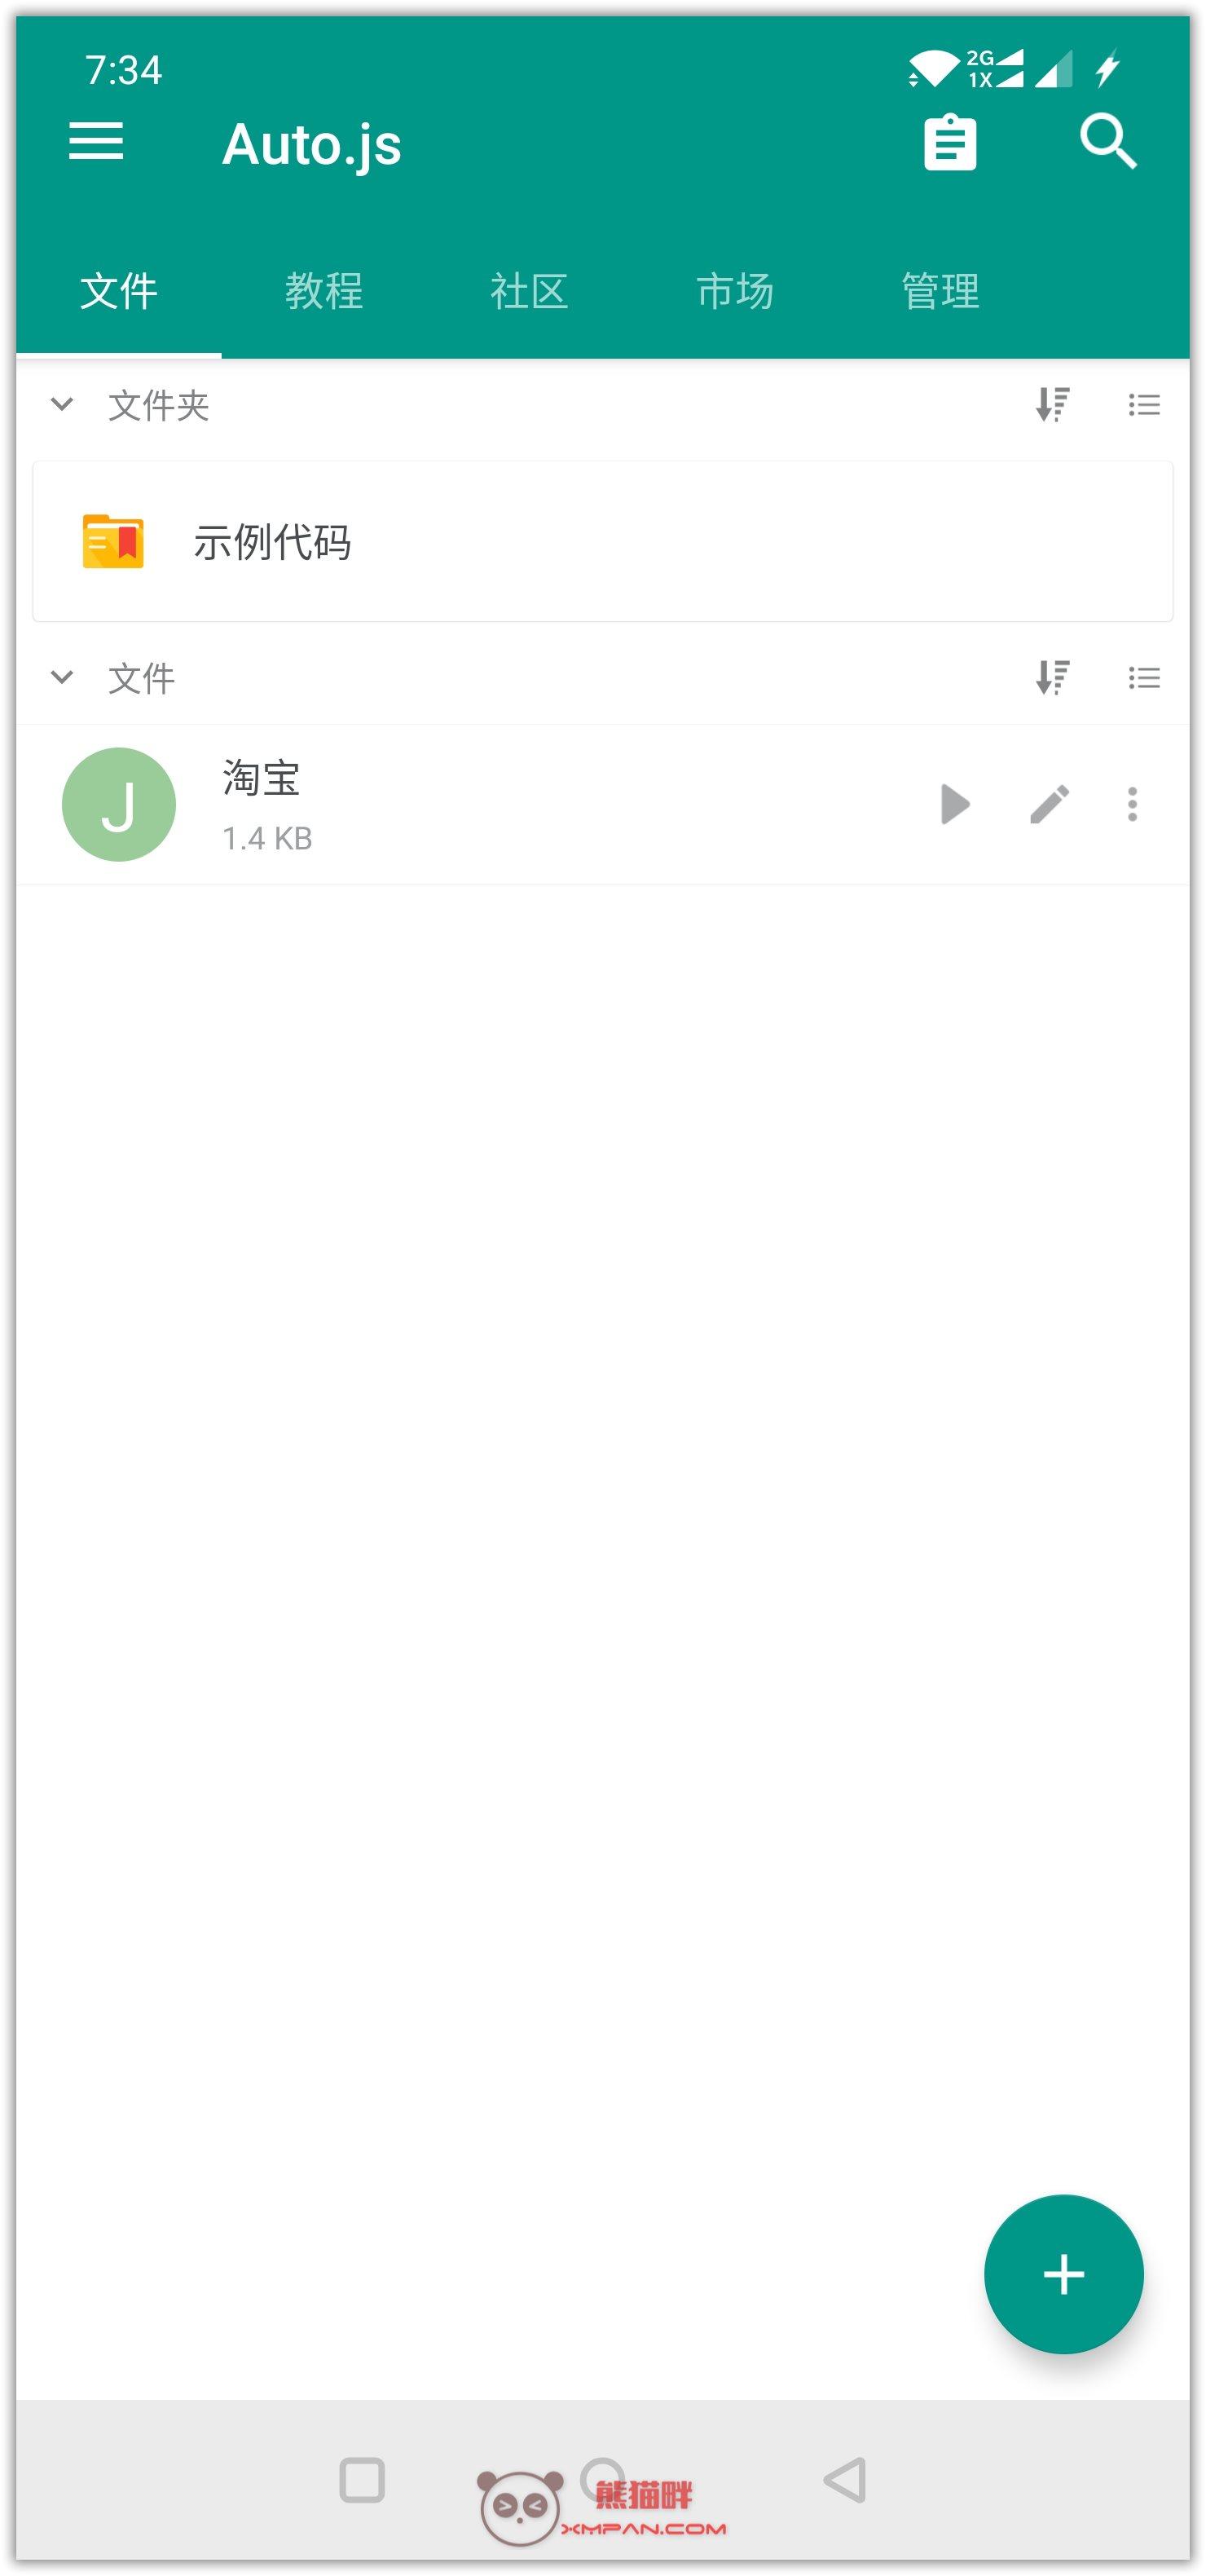 淘宝618列车全自动刷任务邀请互助帖